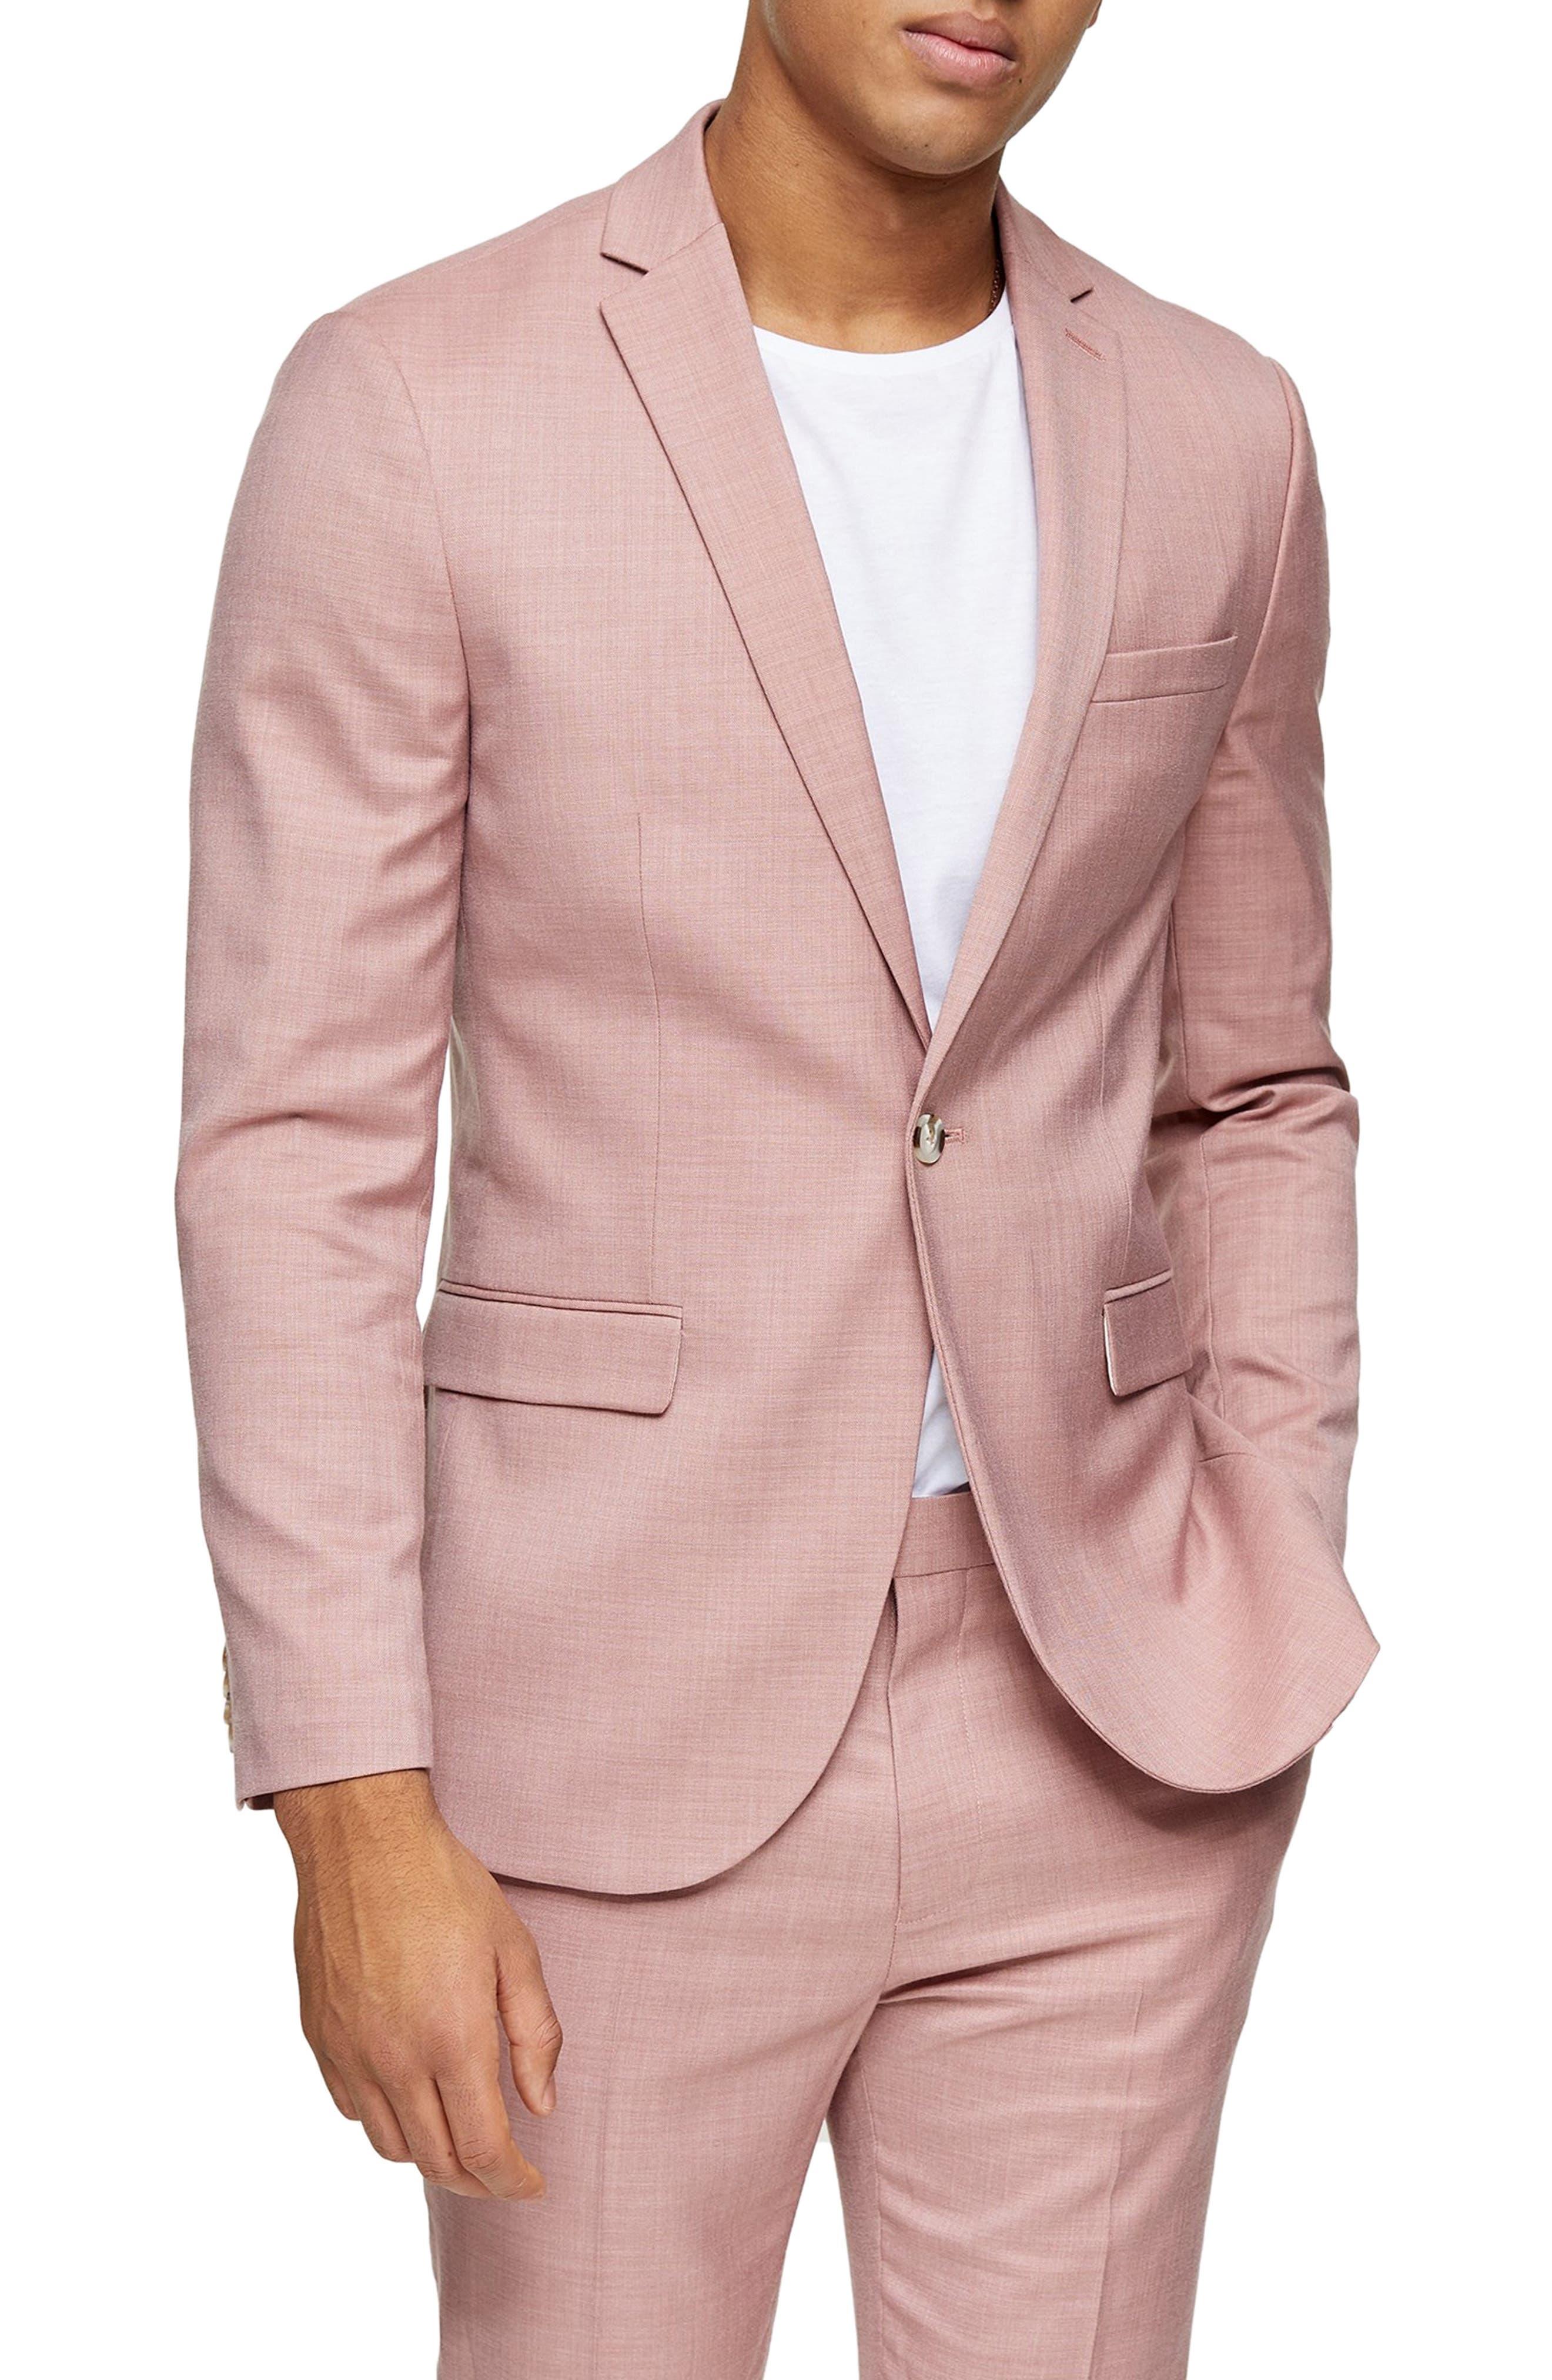 1960s Mens Suits | 70s Mens Disco Suits Mens Topman Dax Slim Fit Suit Jacket Size 48R - Pink $105.30 AT vintagedancer.com